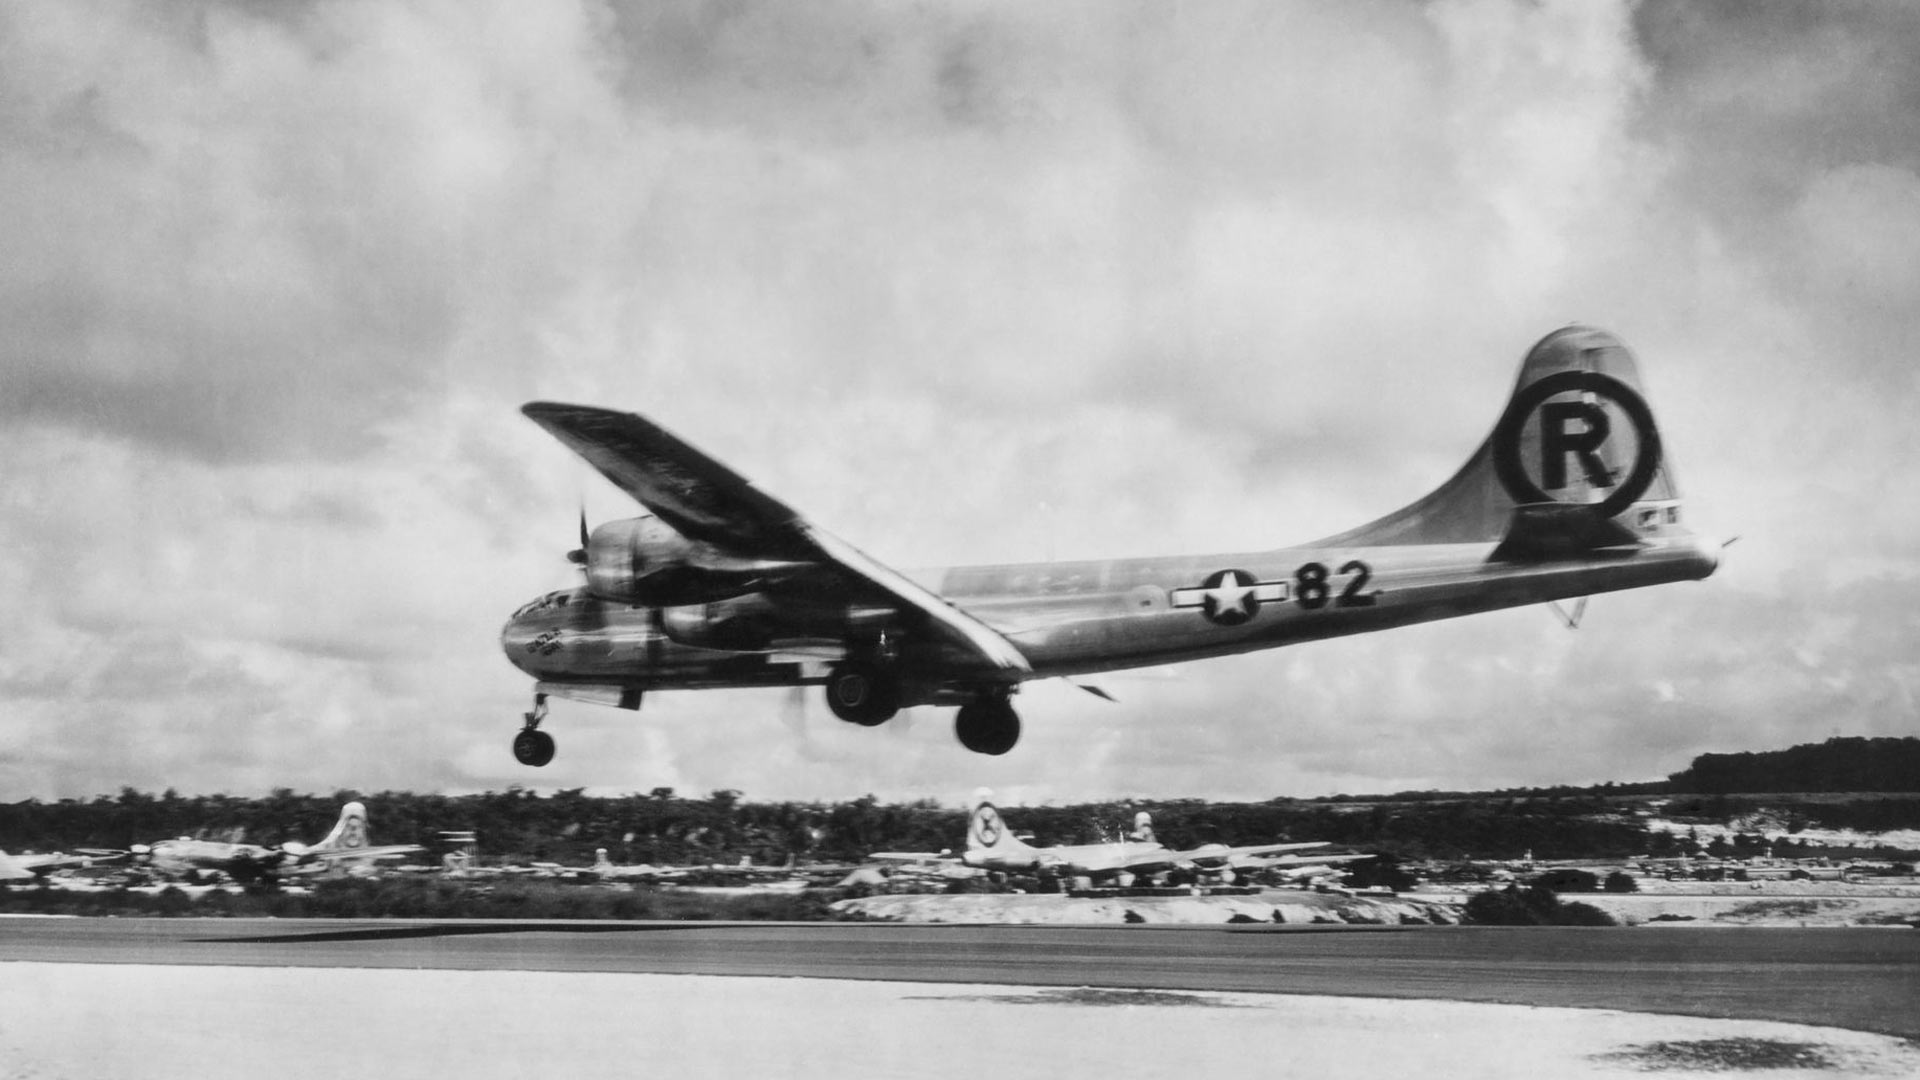 Enola Gay palasi Tinianin saarelle Hiroshiman lennoltaan elokuun 6. päivänä kello 14.58. Tukikohdassa järjestettiin olutkutsut, joissa tarjottiin ruokaa ja neljä pulloa olutta mieheen ilman anniskelukorttia.